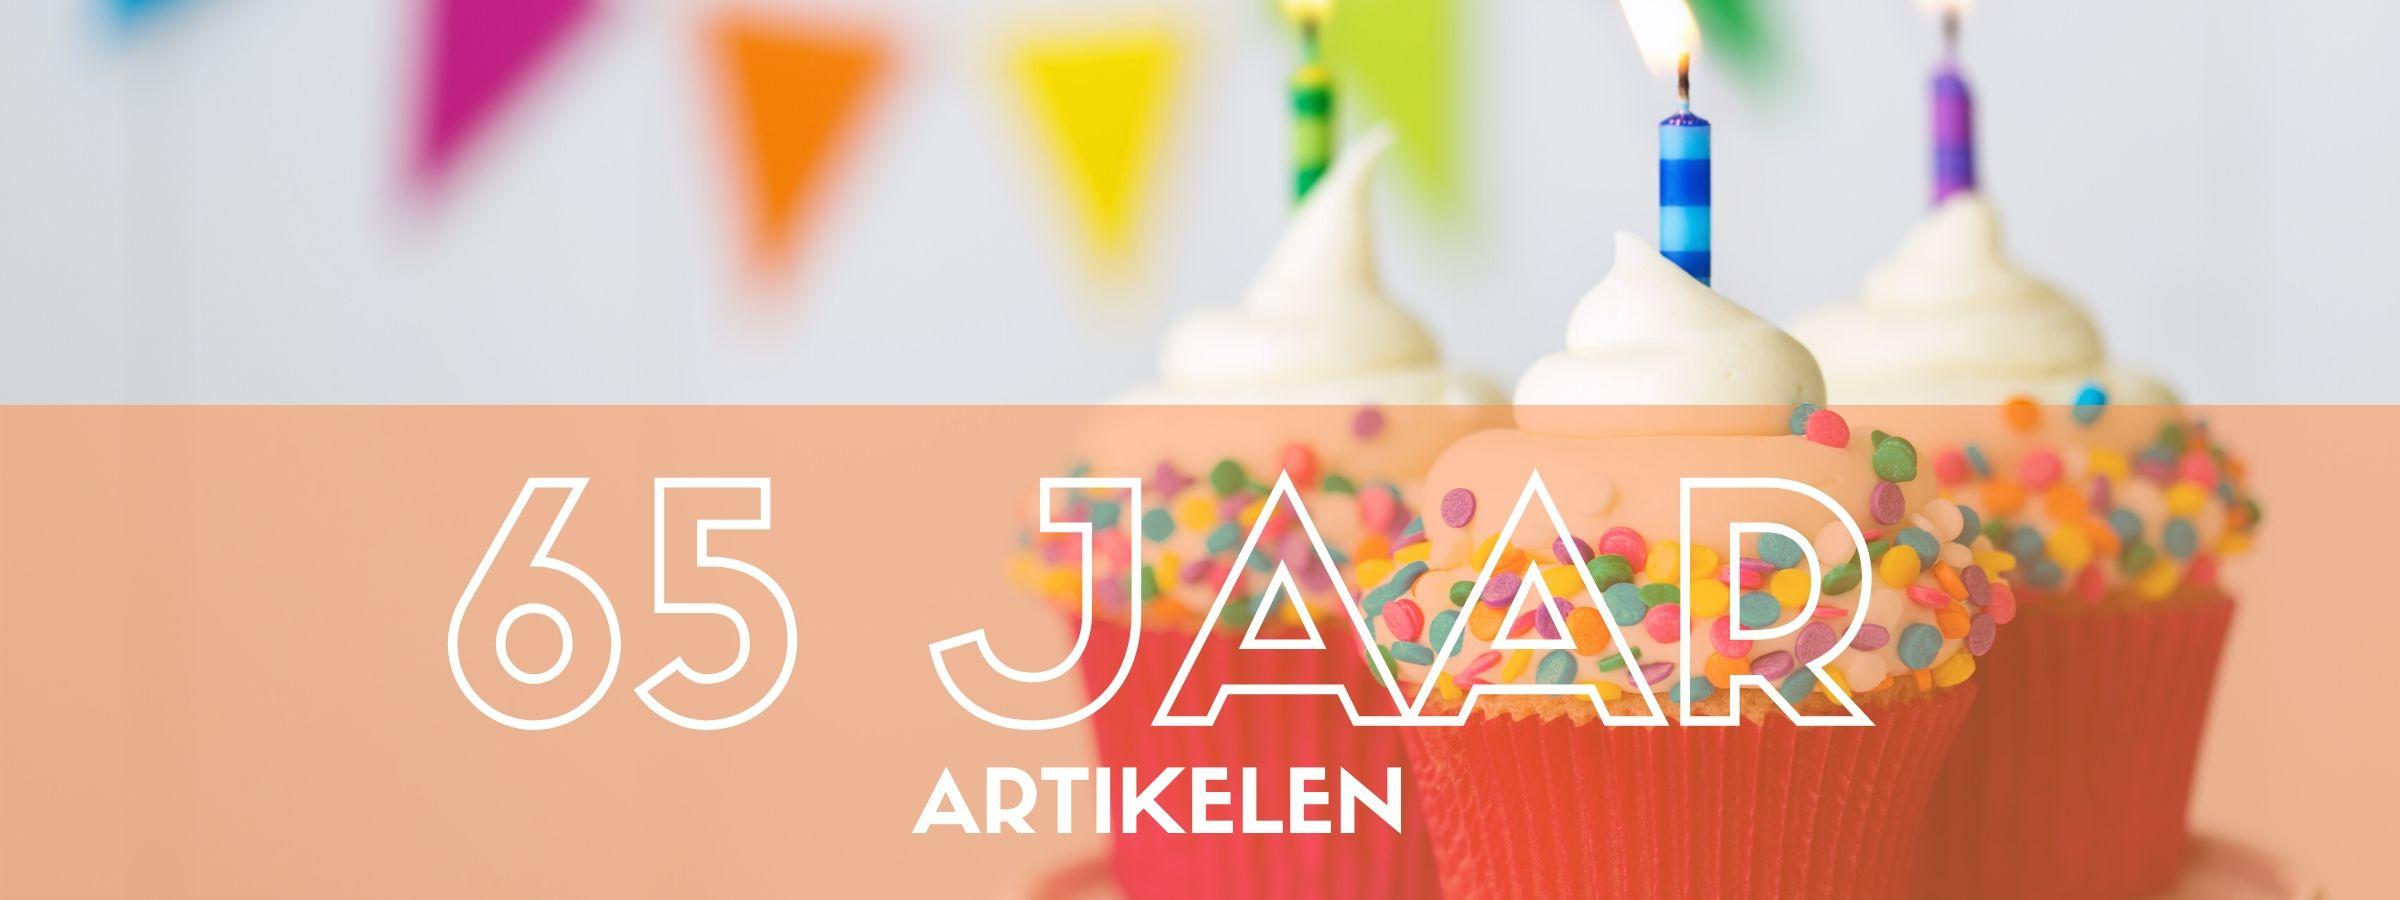 Decoratie voor een 65e verjaardag bestel je bij JB Feestartikelen